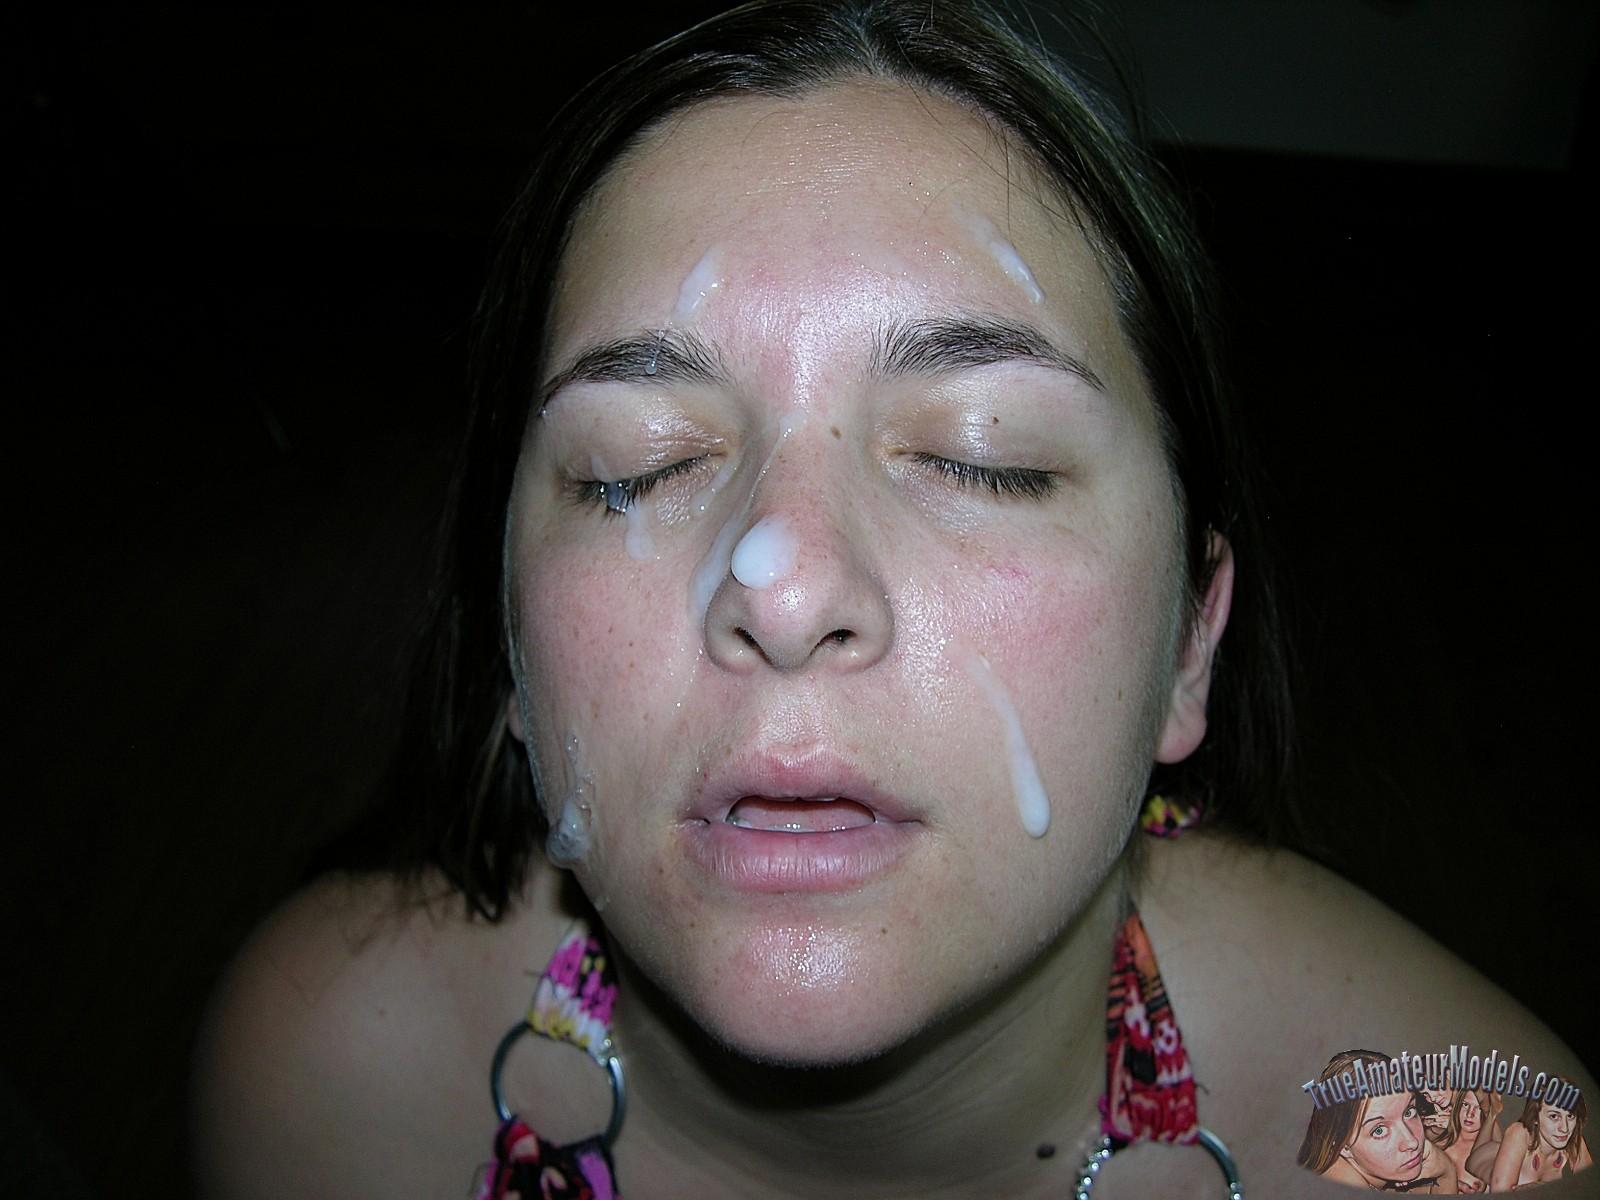 Рей Эдвардс трахнул в ротик пухлую телочку и кончил ей на лицо даже не попросив ее раздеться